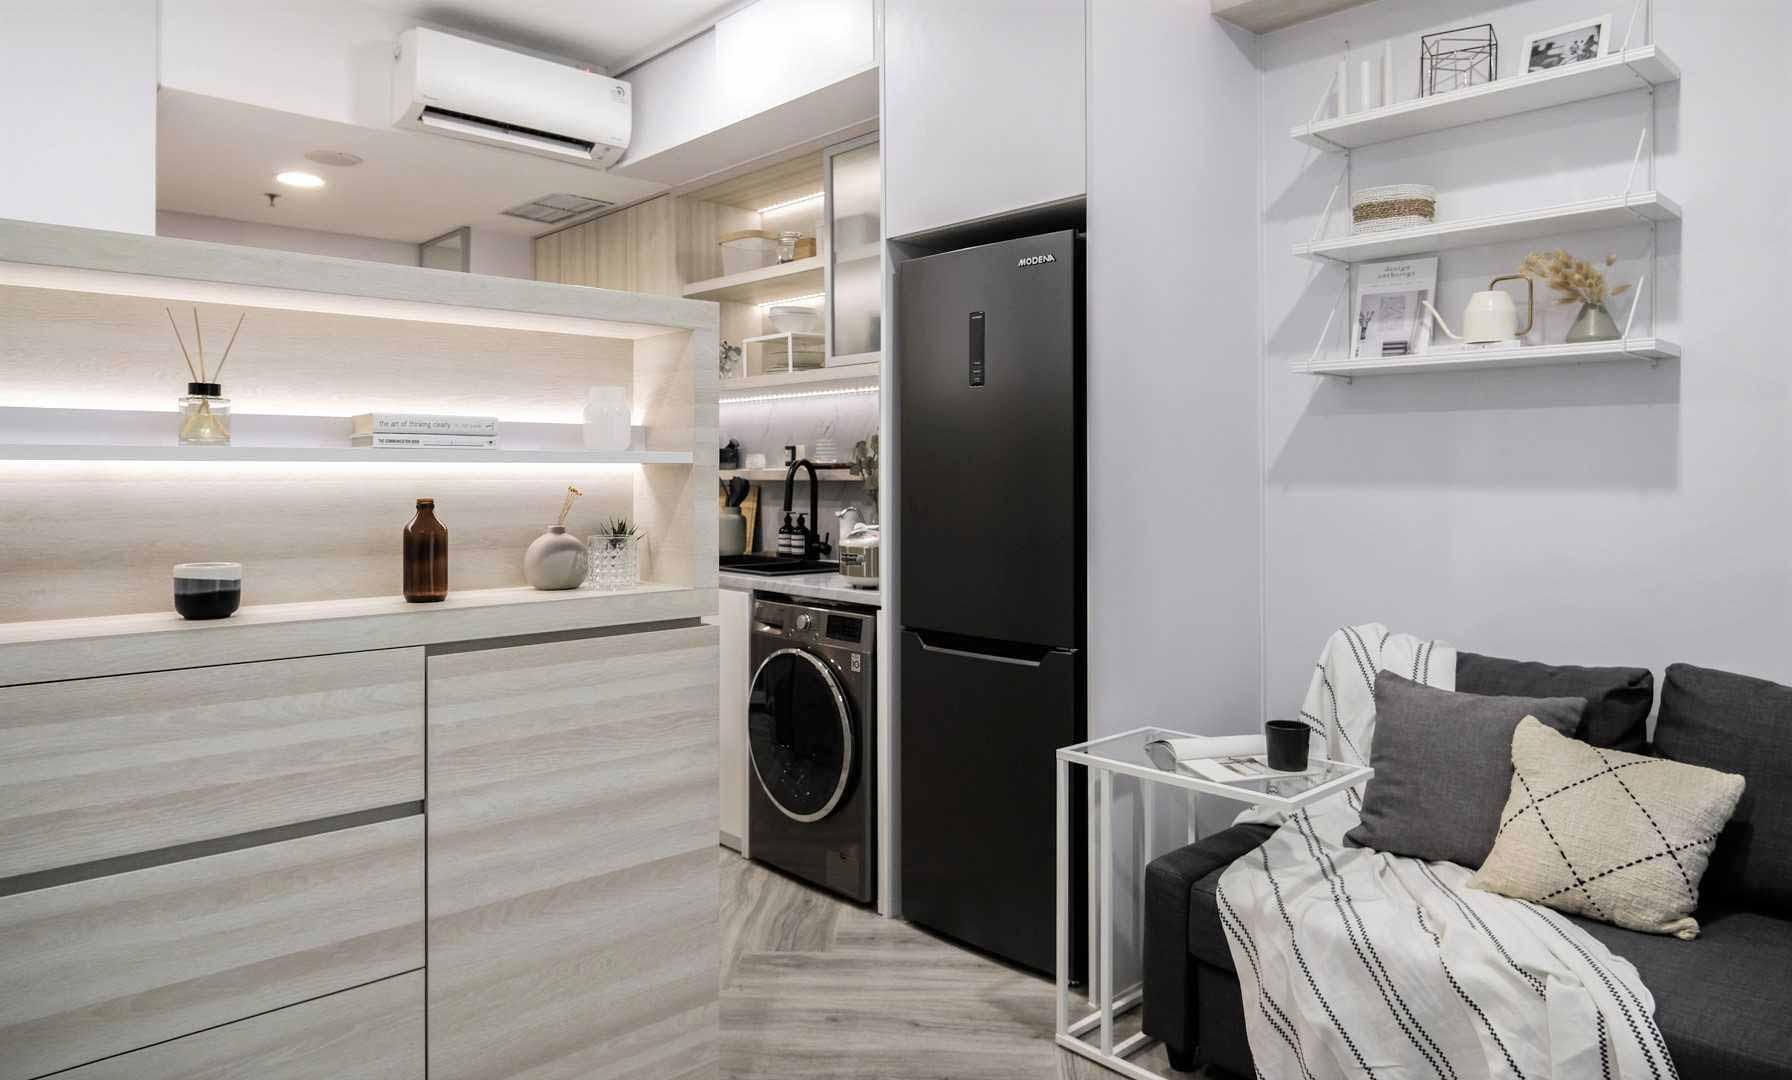 Full kitchen yang dilengkapi dengan peralatan modern, karya Co+In Collaborative Lab, via arsitag.com